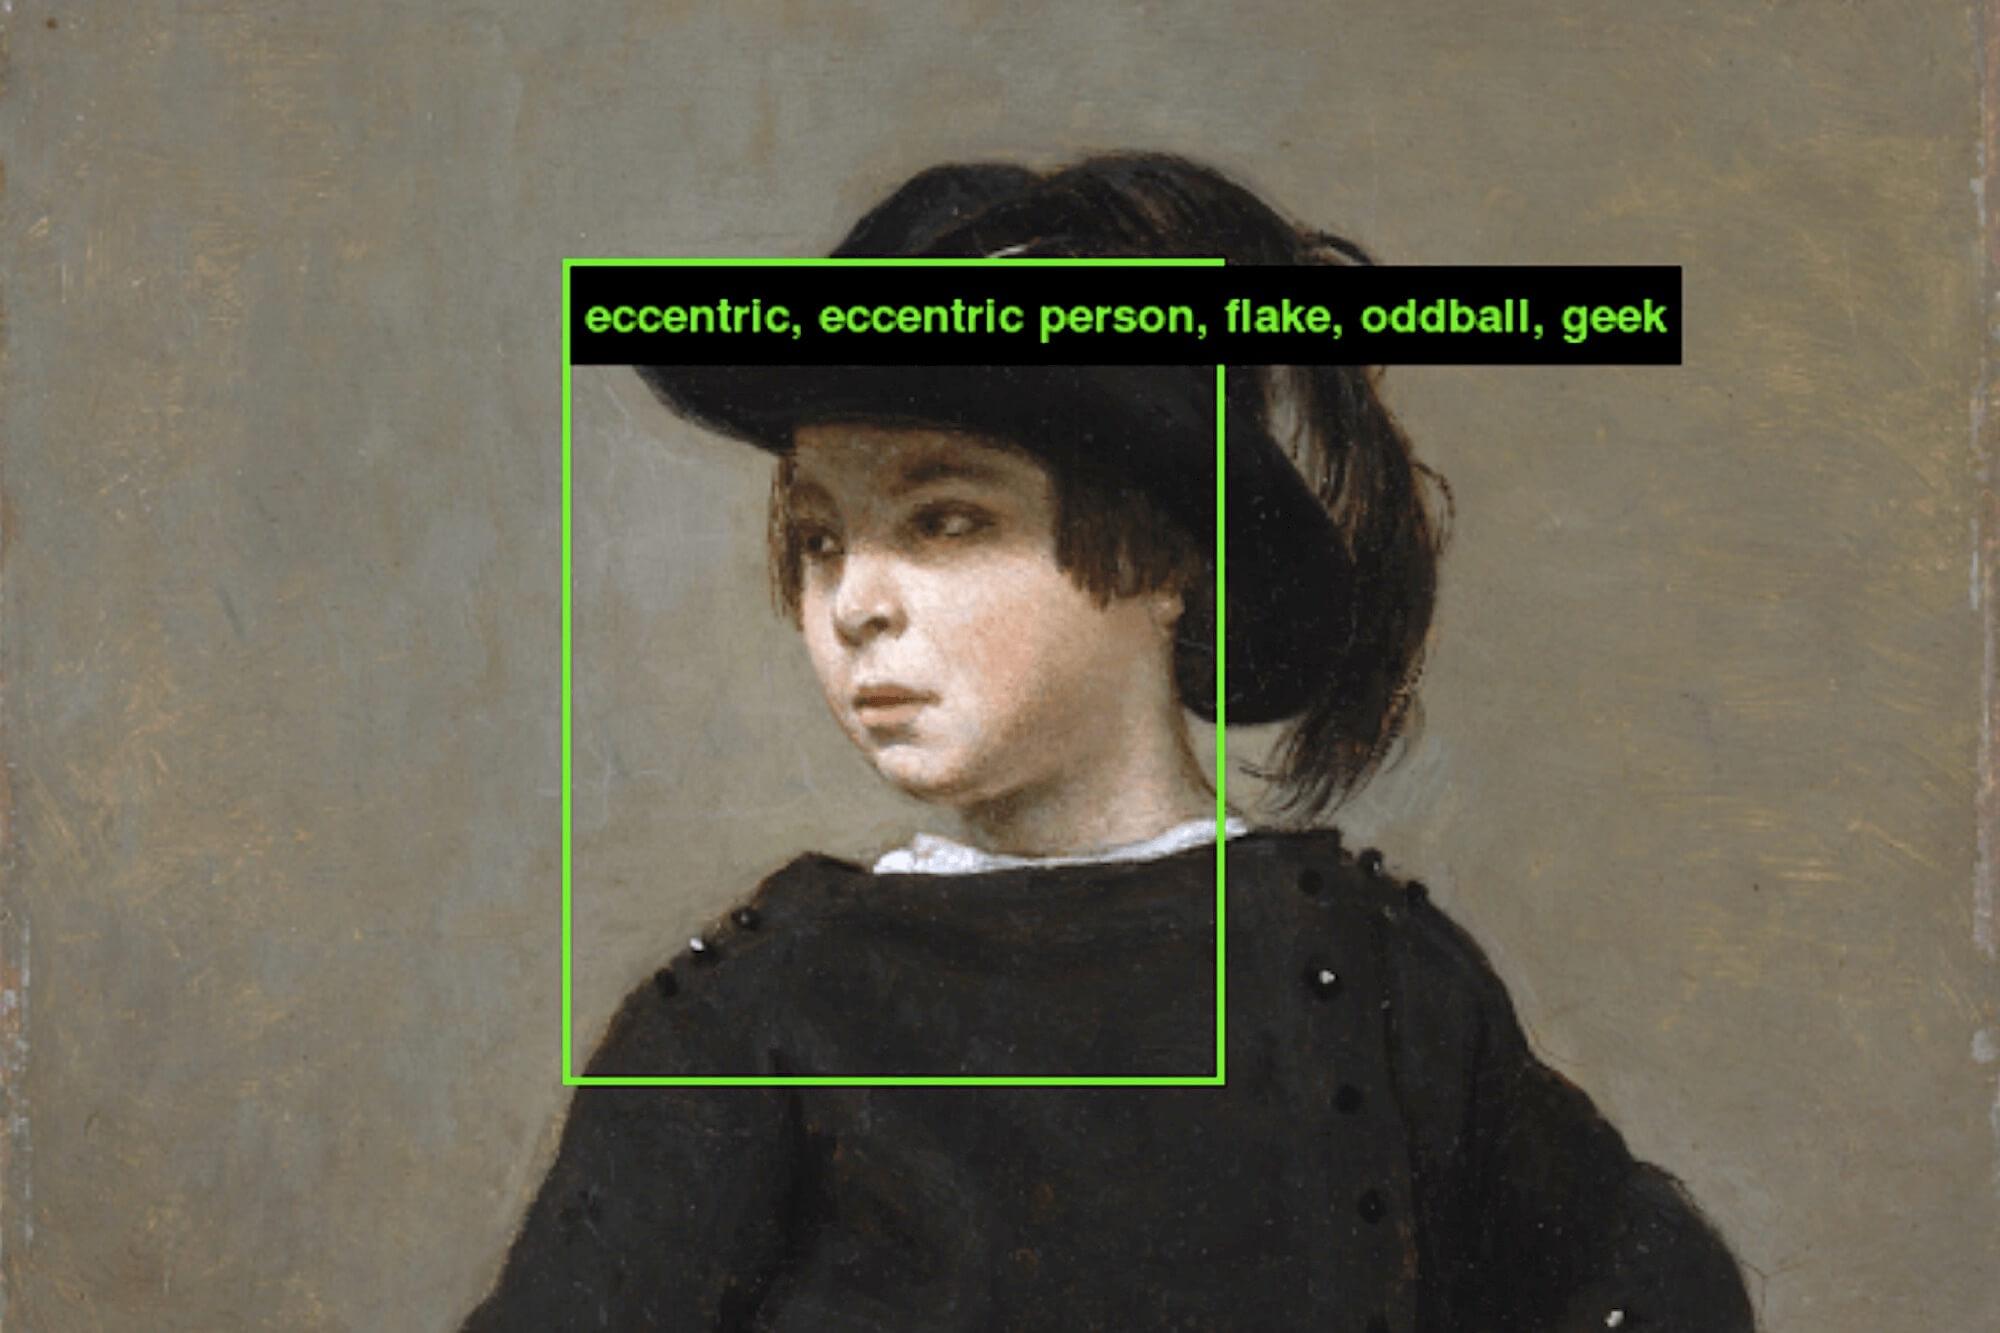 Das Kunst-Projekt ImageNet Roulette von Kate Crawford und Trevor Paglen zeigt, dass Künstliche Intelligenz von Rassismus und Vorurteilen beeinflusst wird.